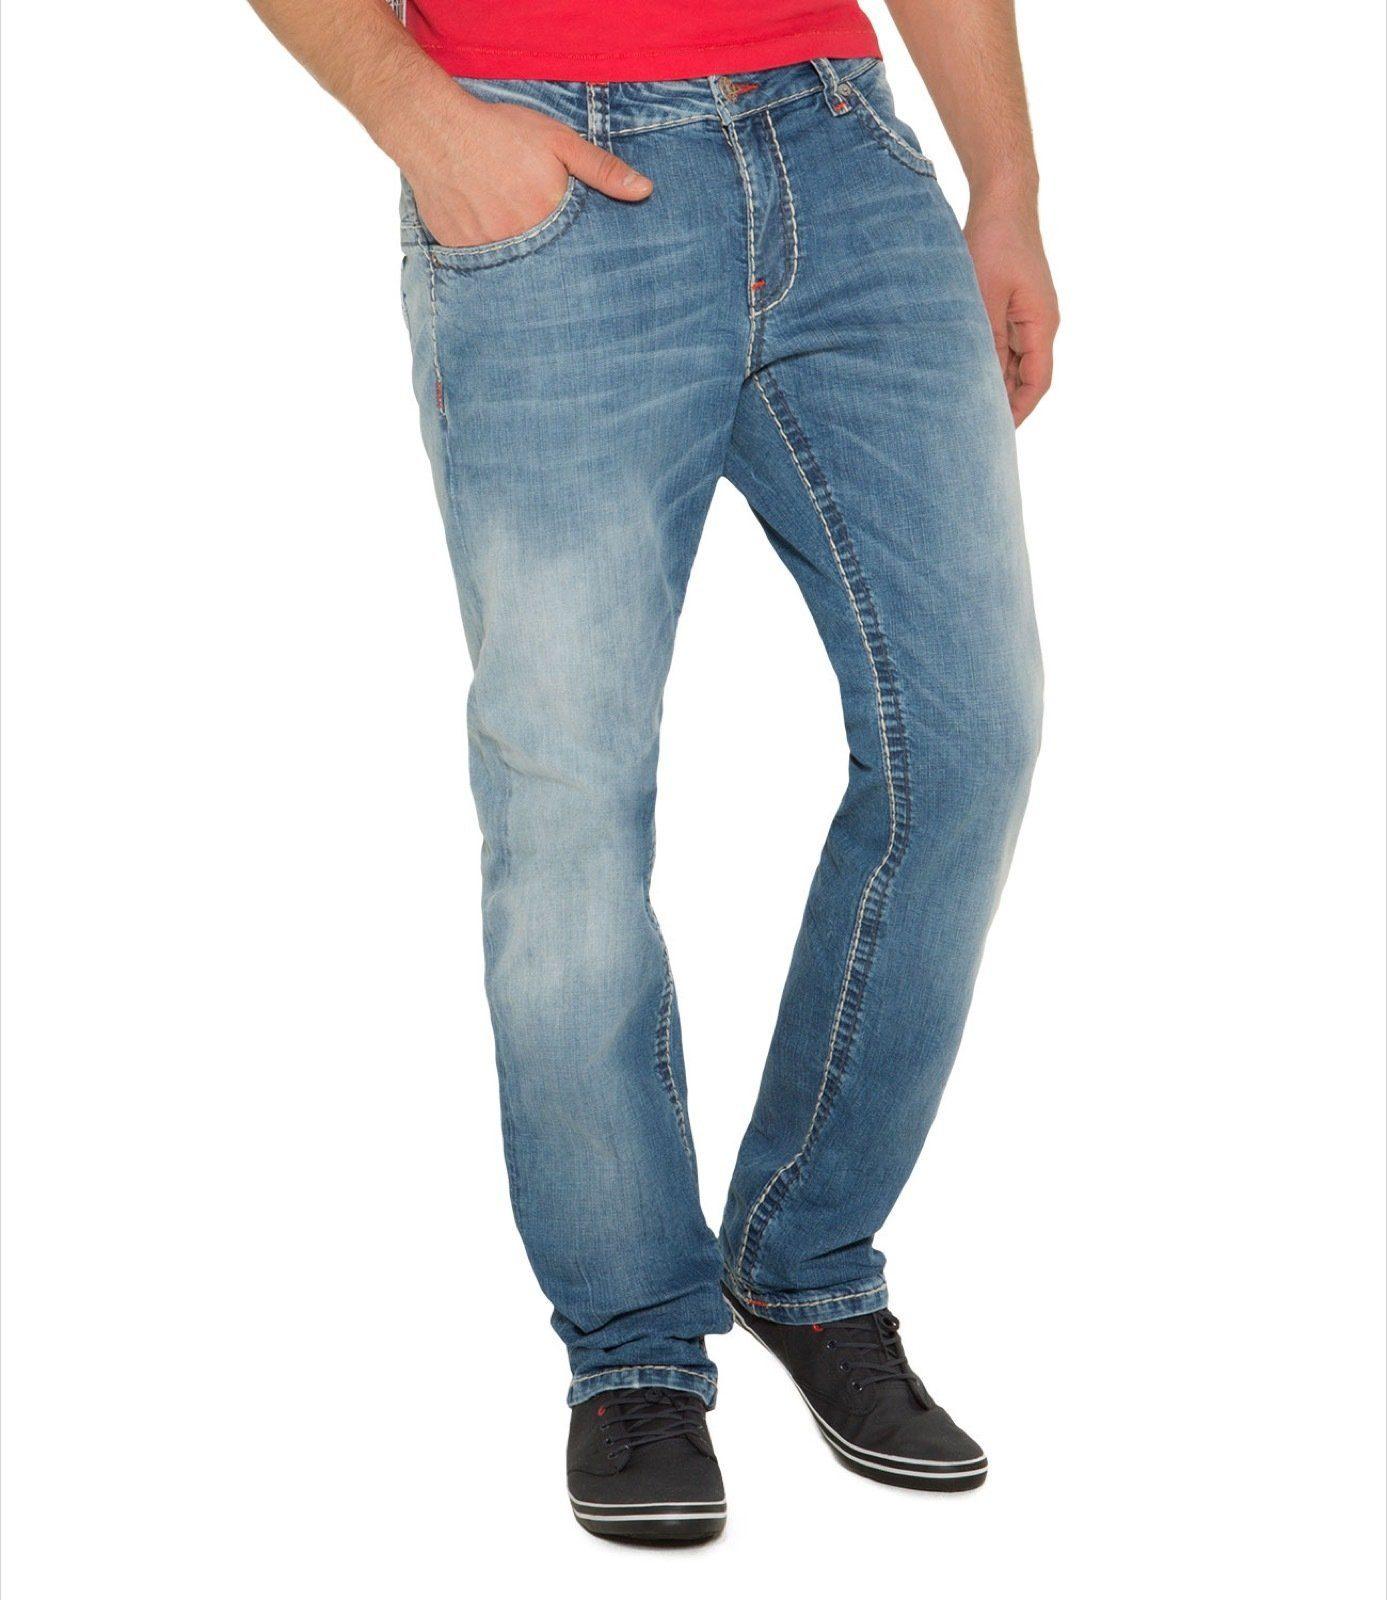 CAMP DAVID Comfort fit Jeans »CO:NO« mit Kontrast Steppungen online kaufen | OTTO